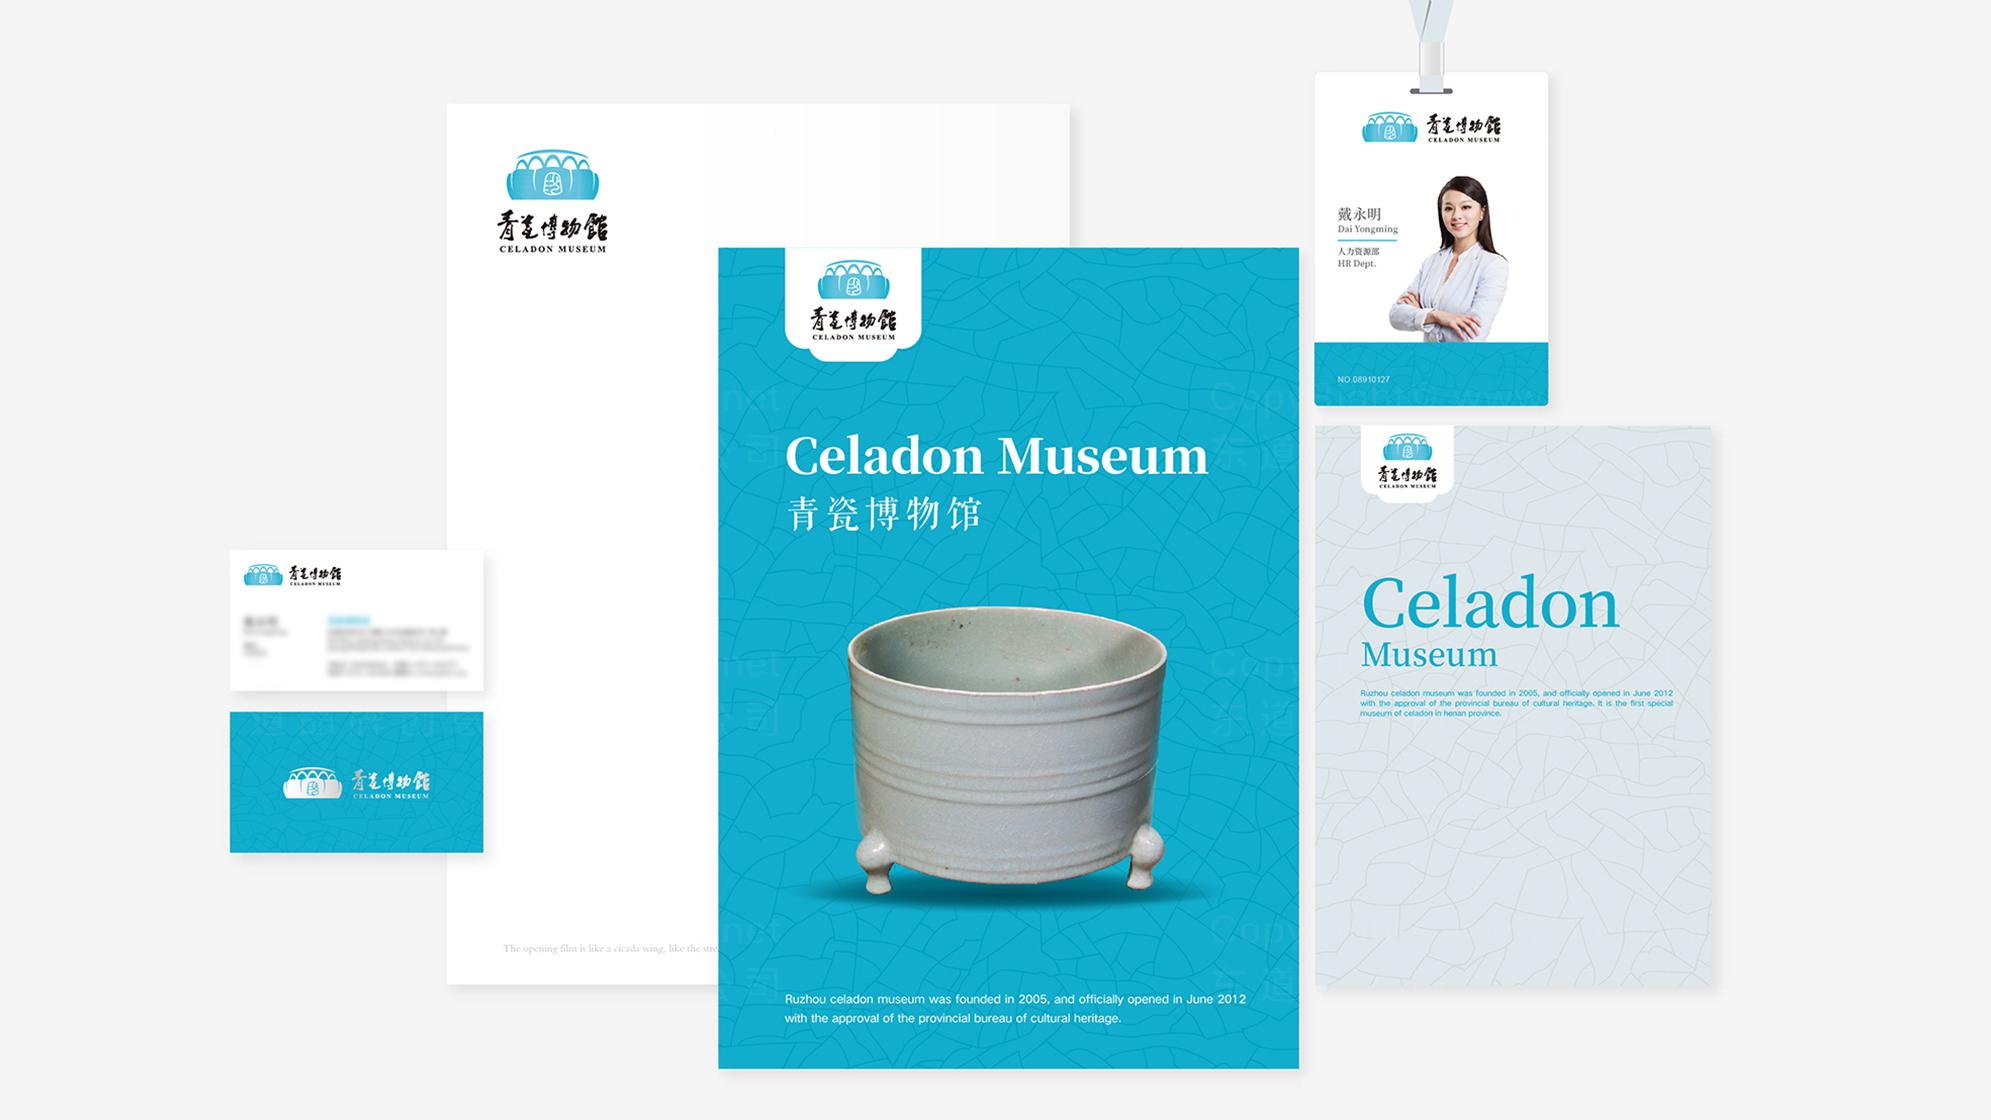 品牌设计青瓷博物馆logo设计、vi设计应用场景